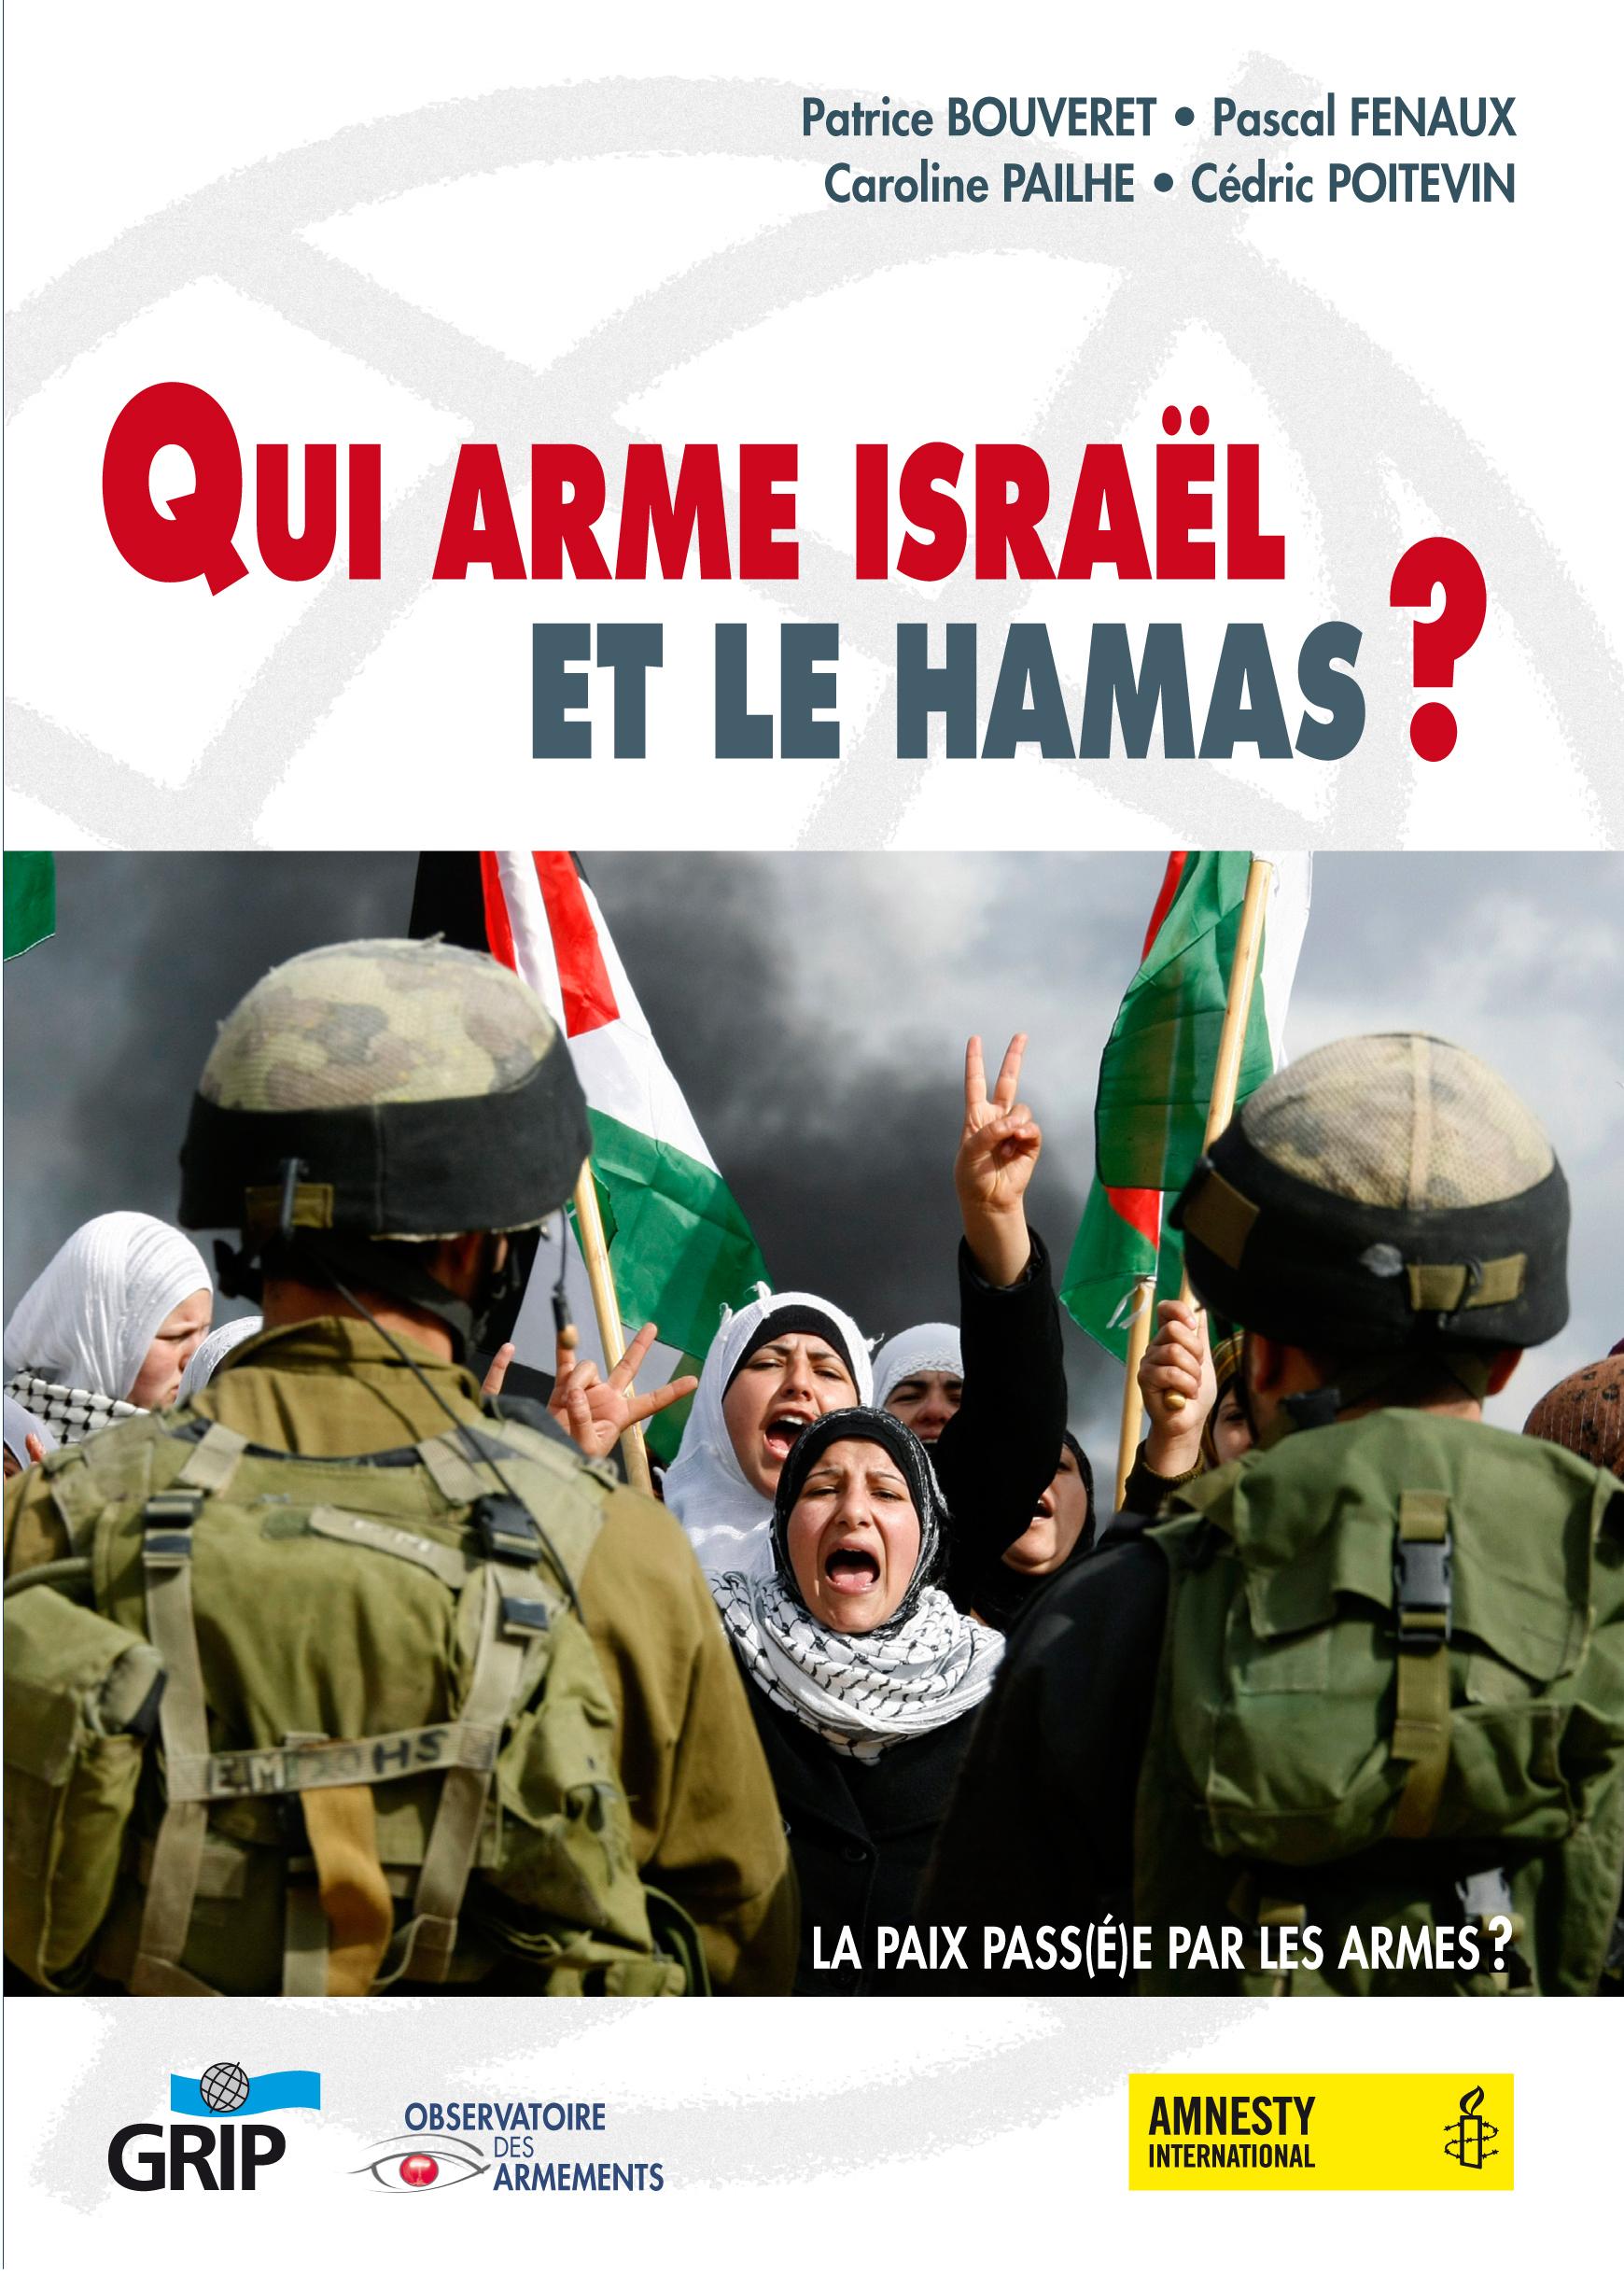 QUI ARME ISRAEL ET LE HAMAS ?